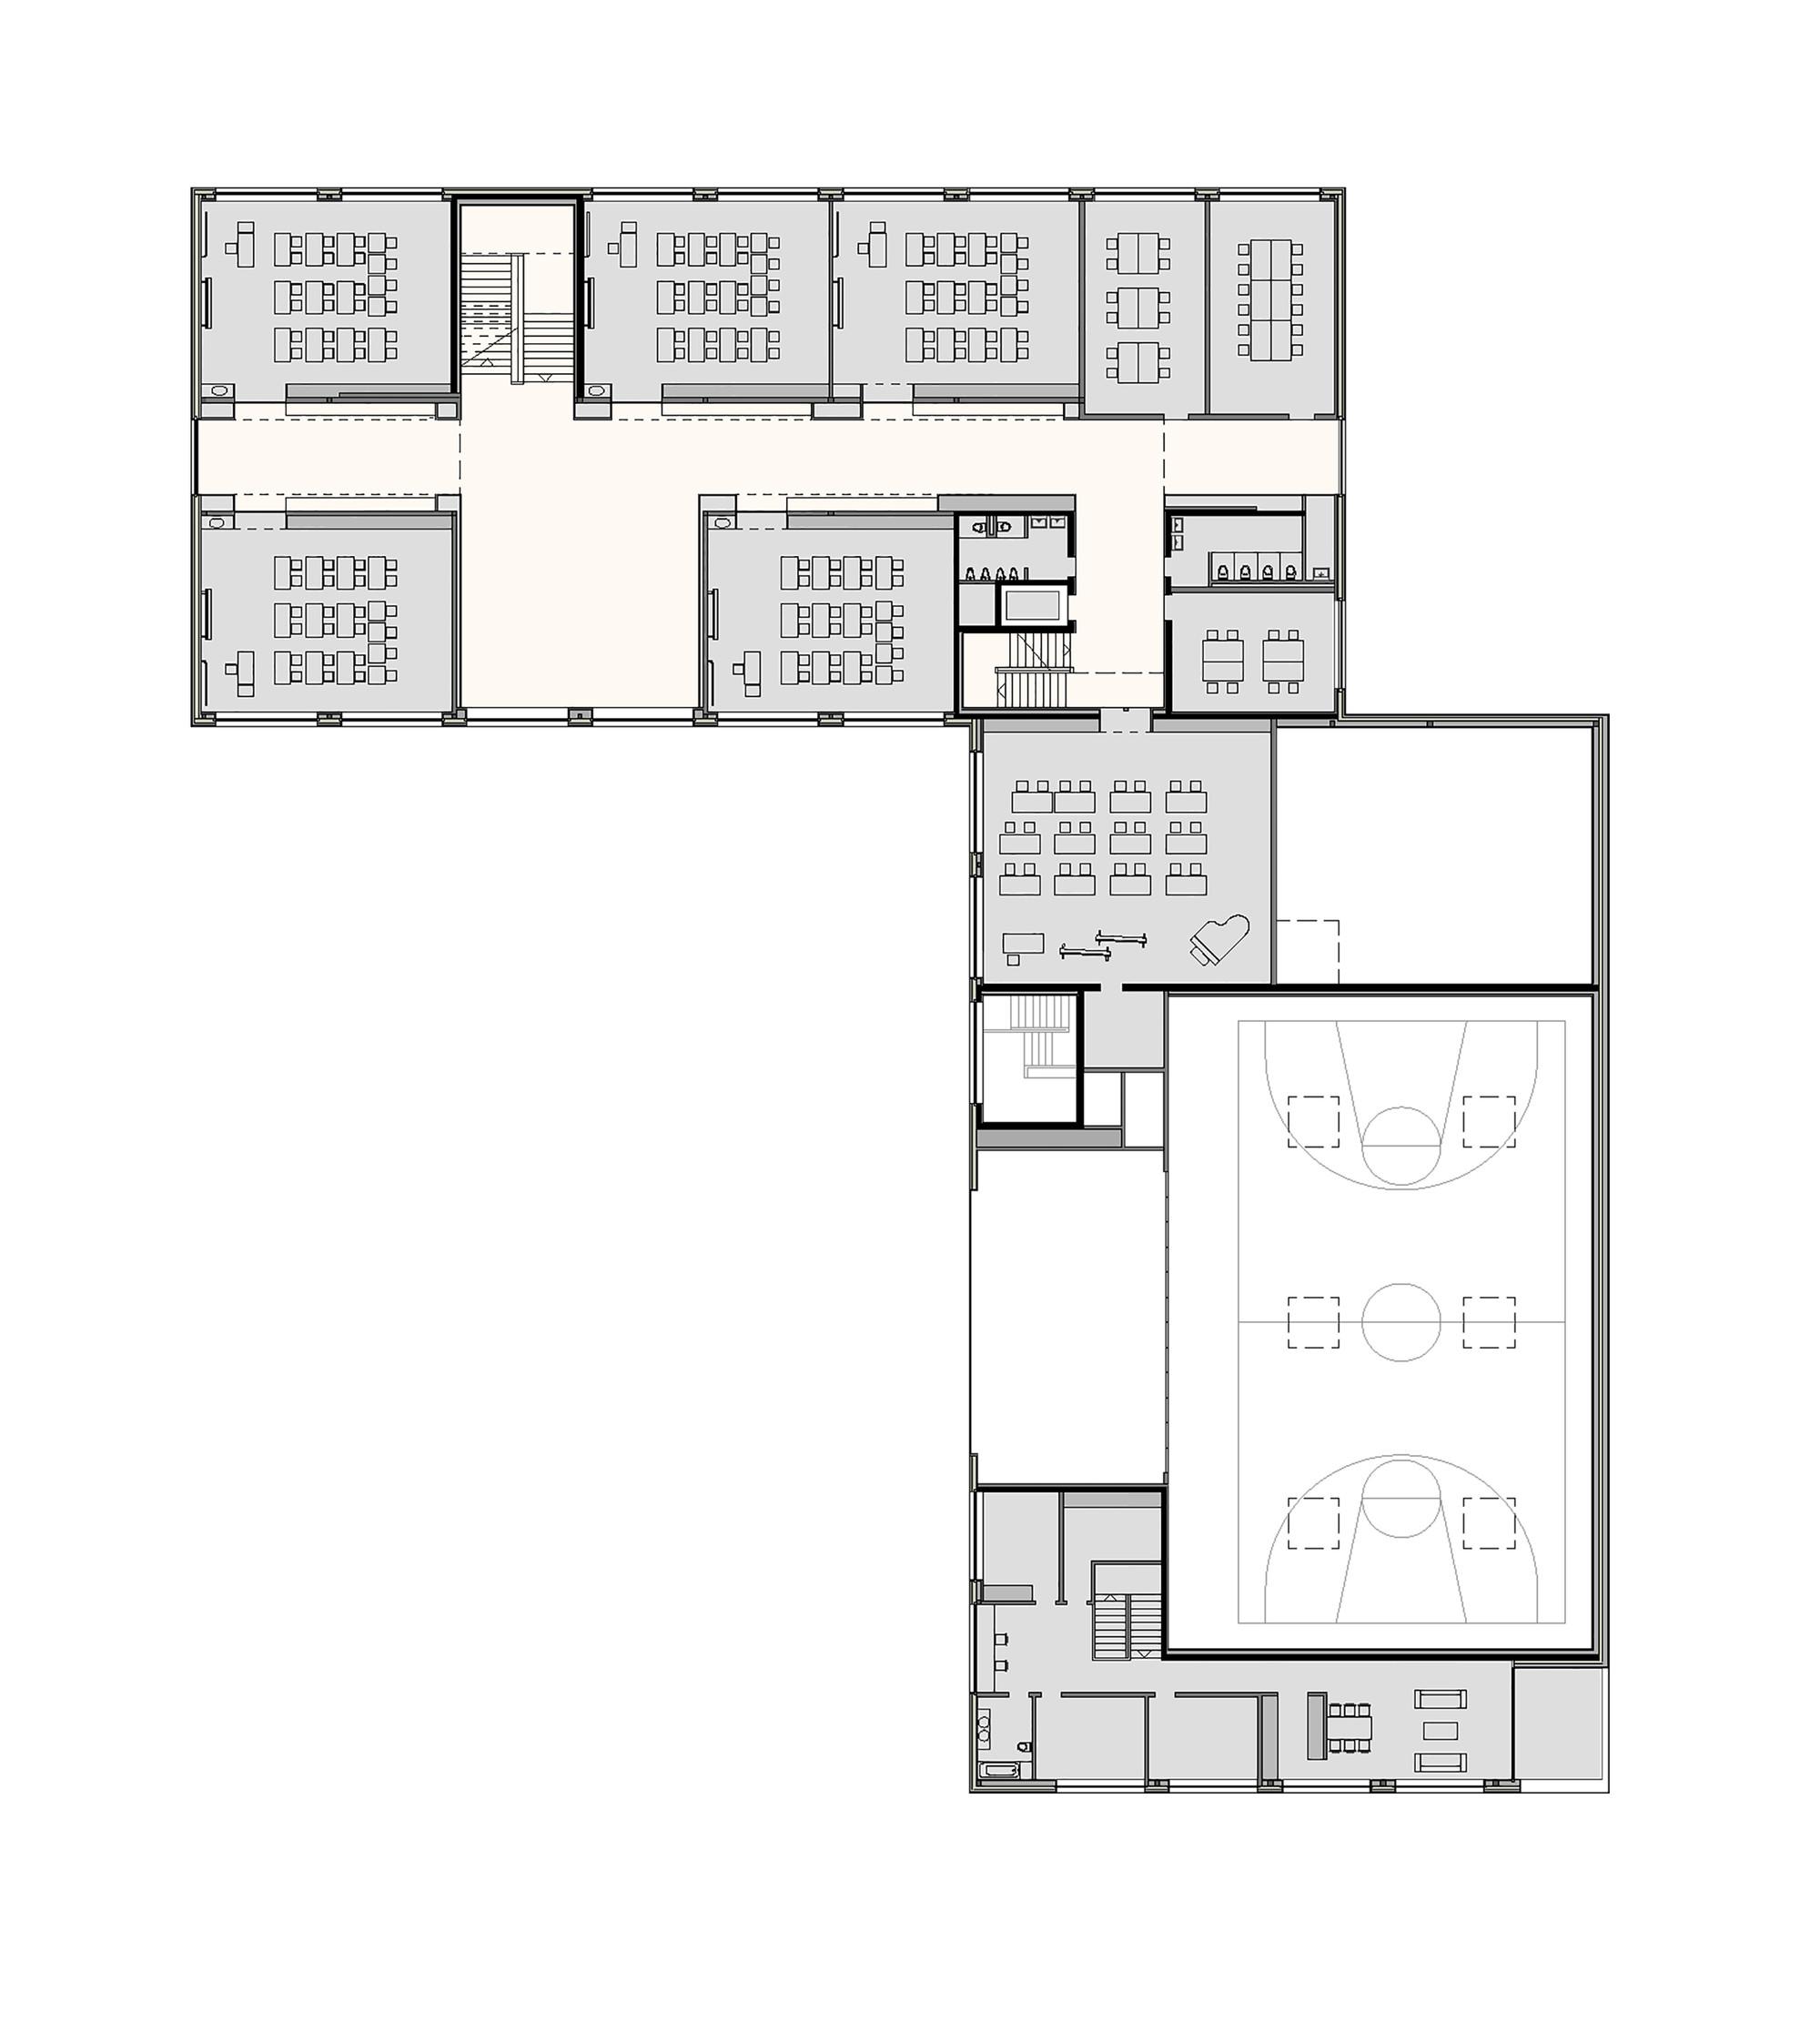 Galer a de sal n deportivo multiuso y escuela secundaria for Multi purpose building plans